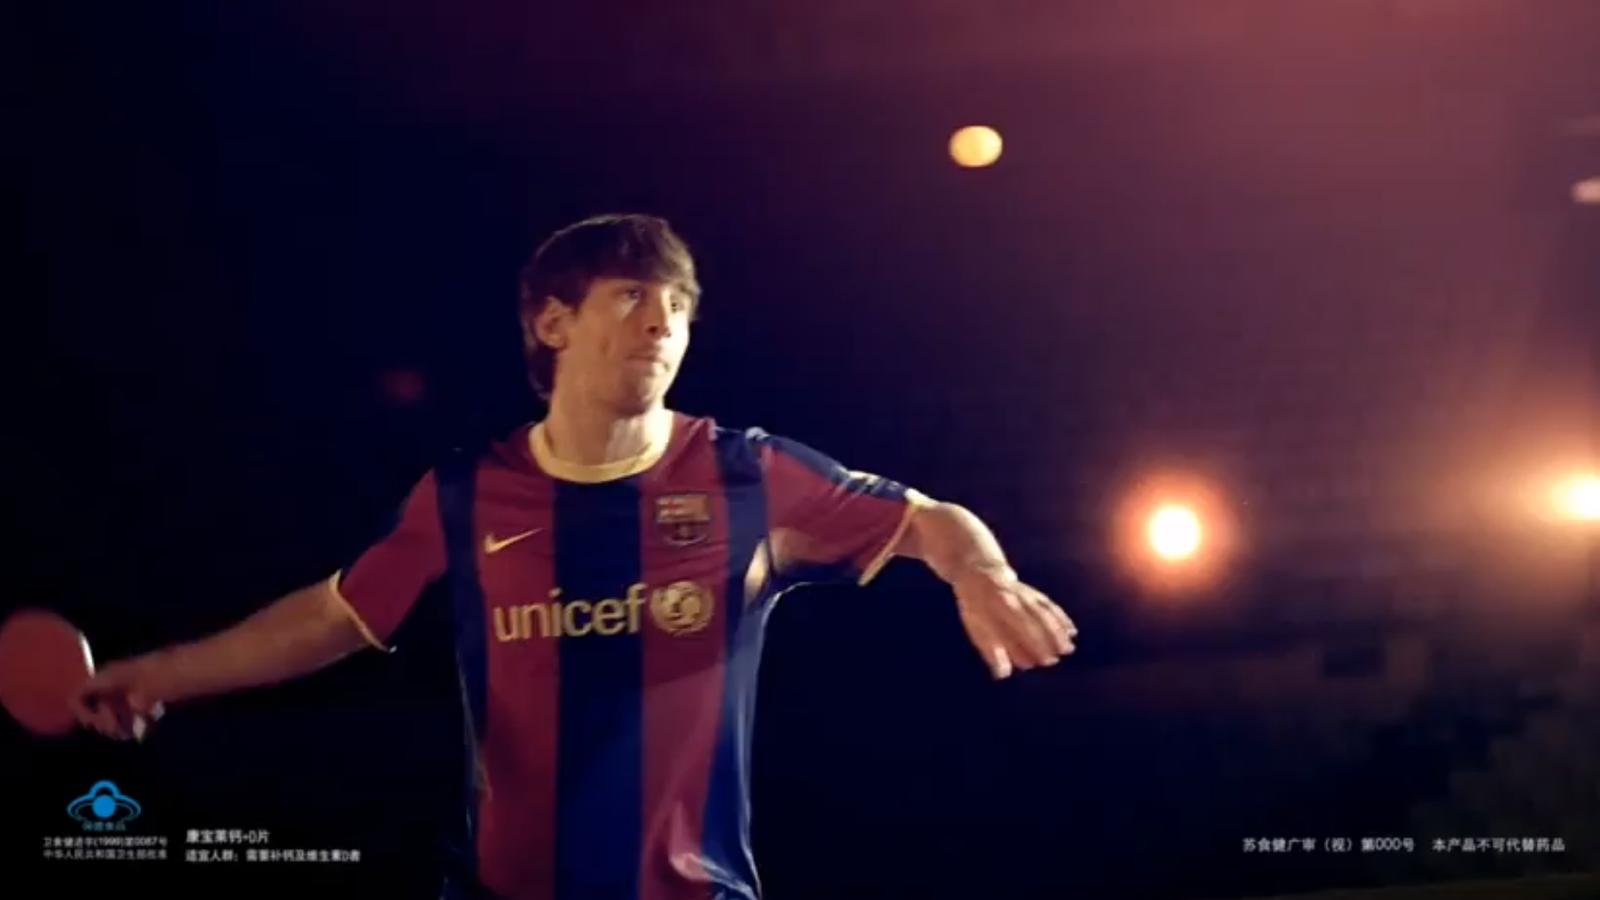 Leo Messi juga a tenis taula en un anunci